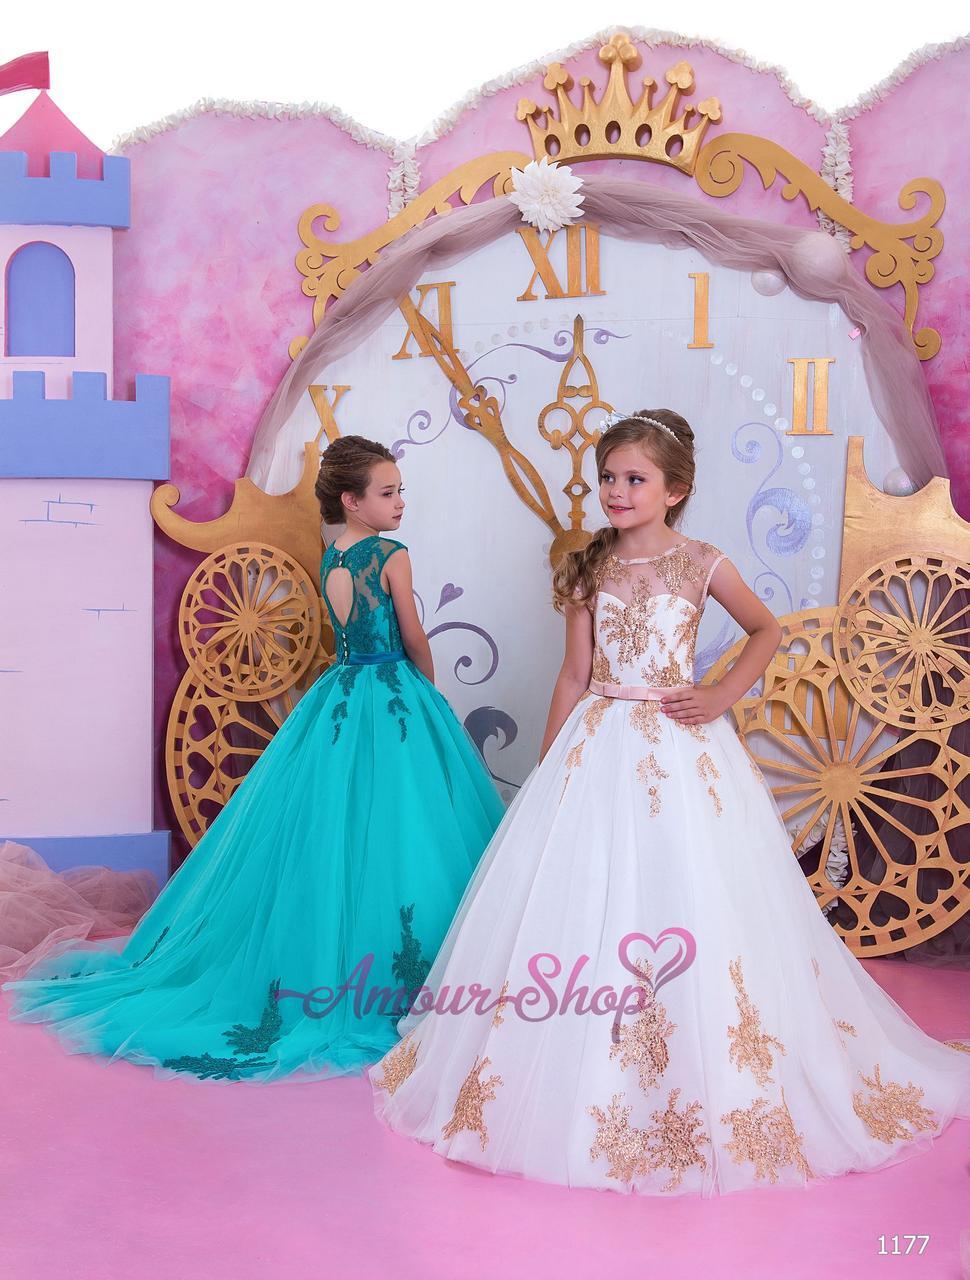 Дитяча випускне плаття на дівчинку 4,5,6,7,8,9,10,11 років (у садок, 4 клас), 1177